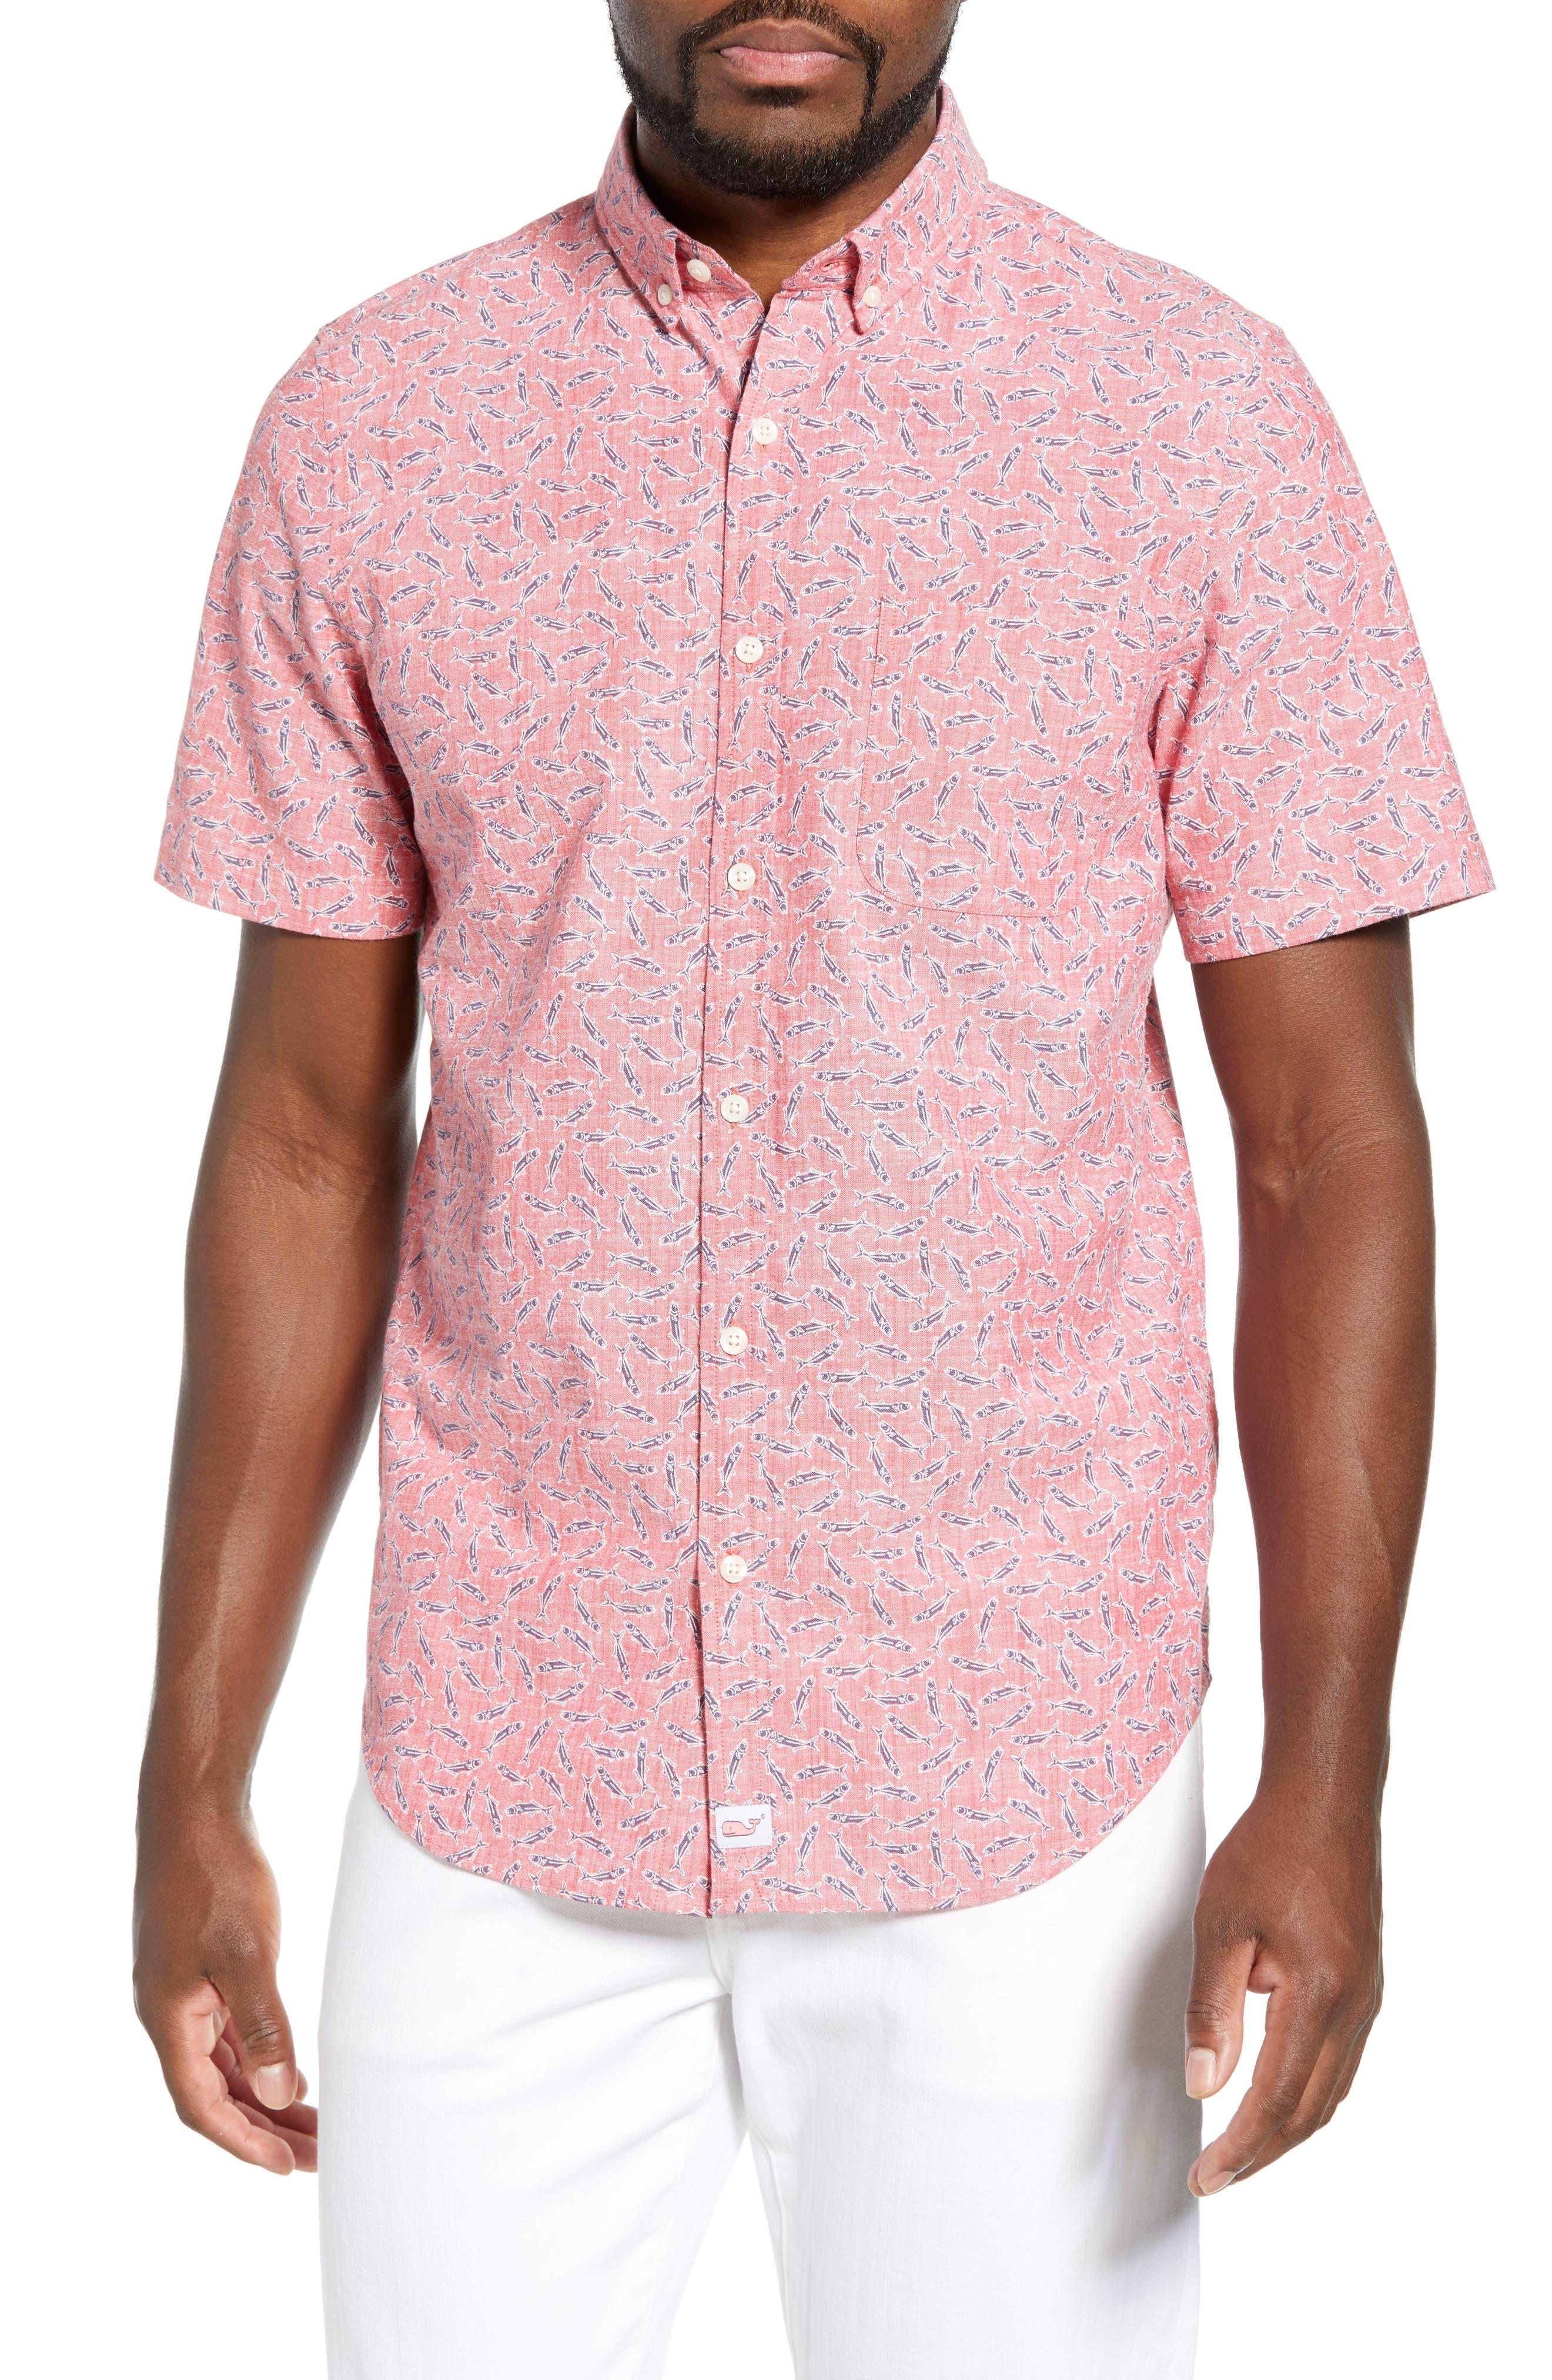 VINEYARD VINES Murray Slim Fit Sport Shirt, Main, color, LOBSTER REEF